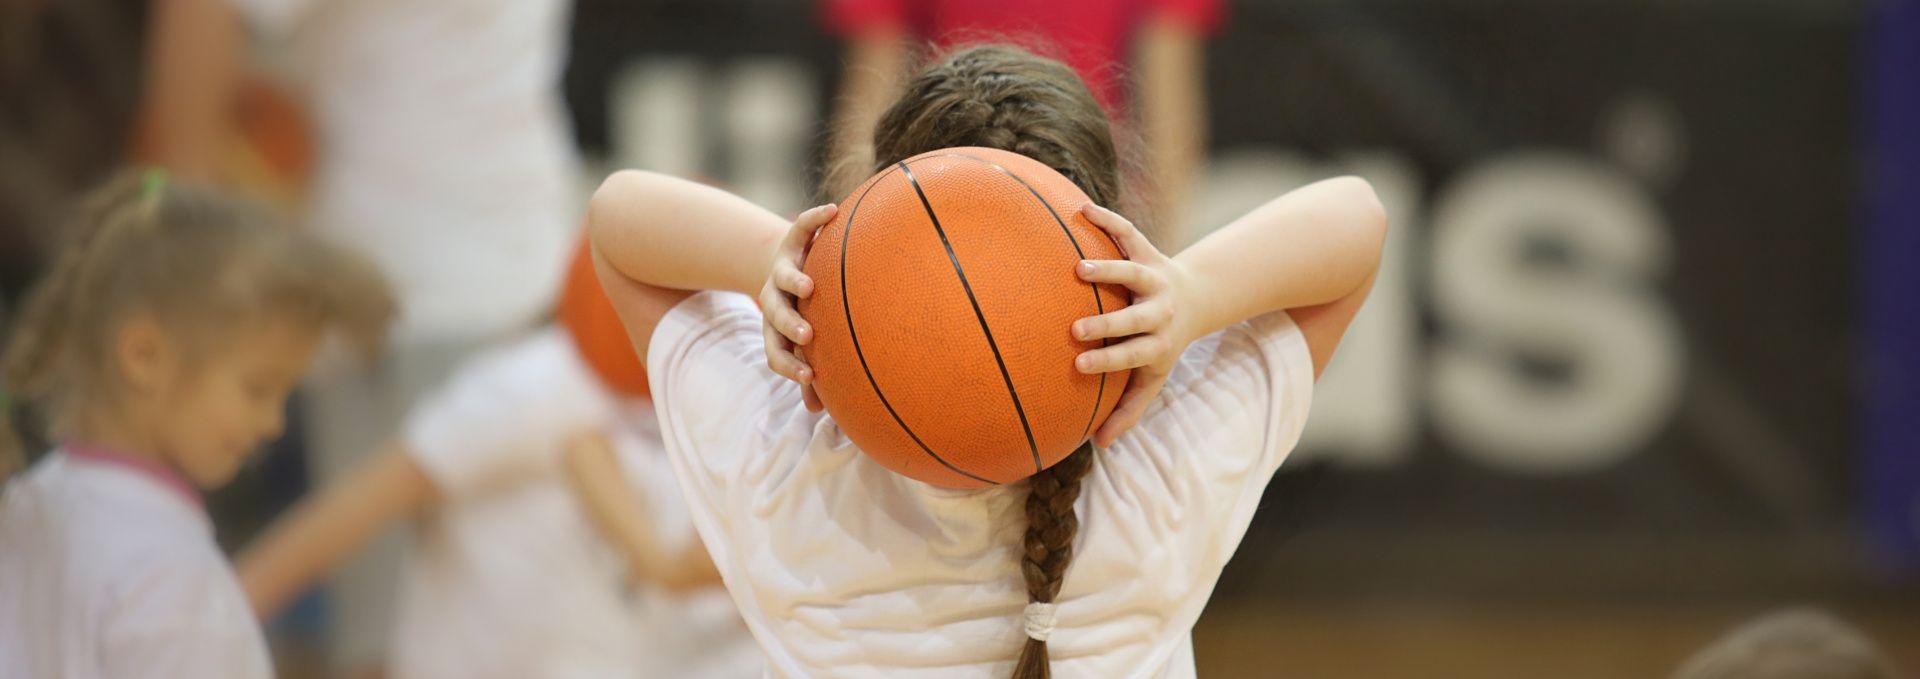 nena jugant bàsquet extraescolars Fundesplai